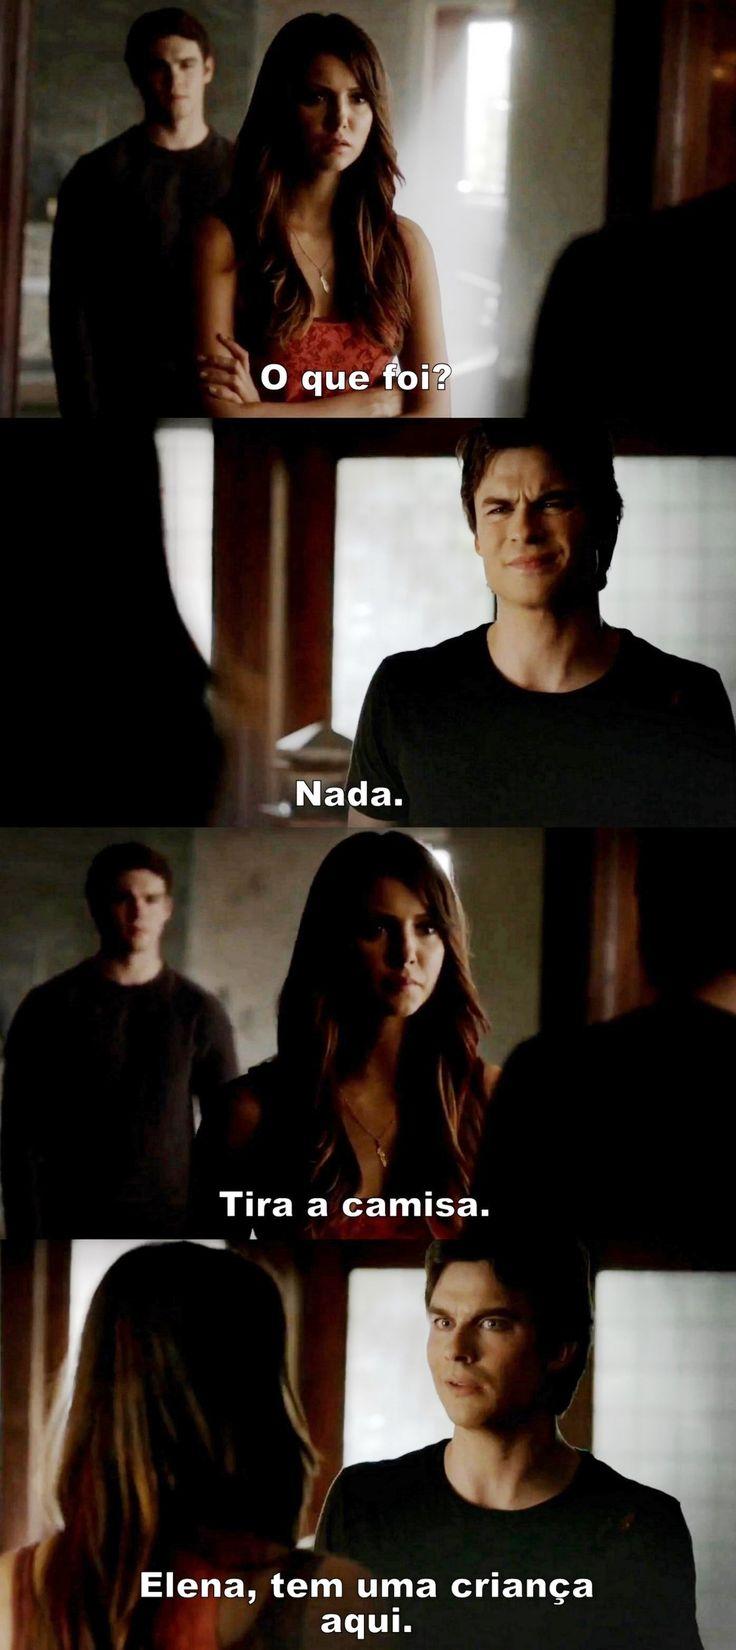 Diários de um vampiro 4x23 - Damon e Elena